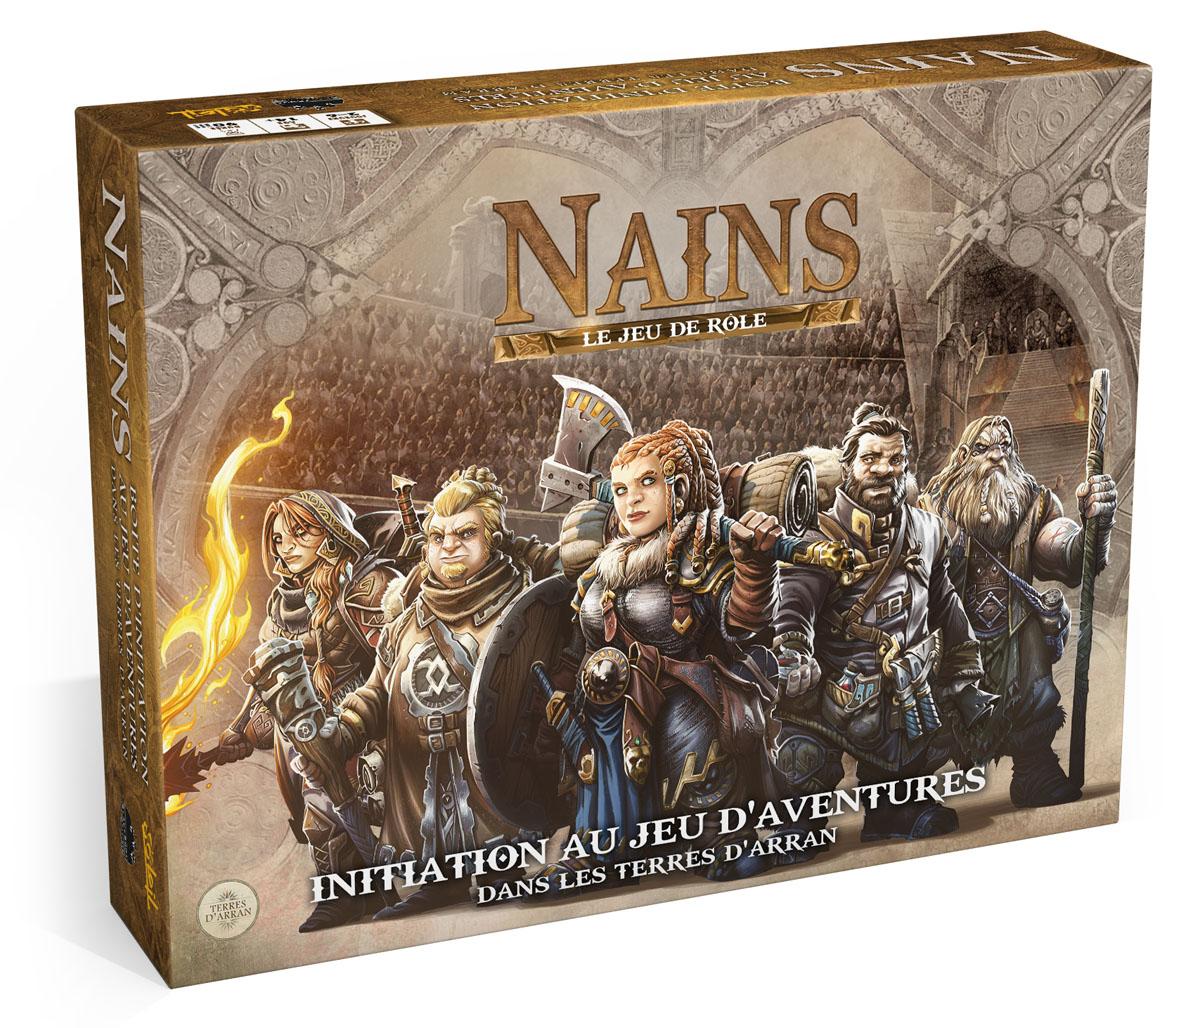 https://www.gameontabletop.com/contenu/partners/bbe/image/Terres_dArran_Nains/TDA_Nains_pic1_boite_v1.jpg